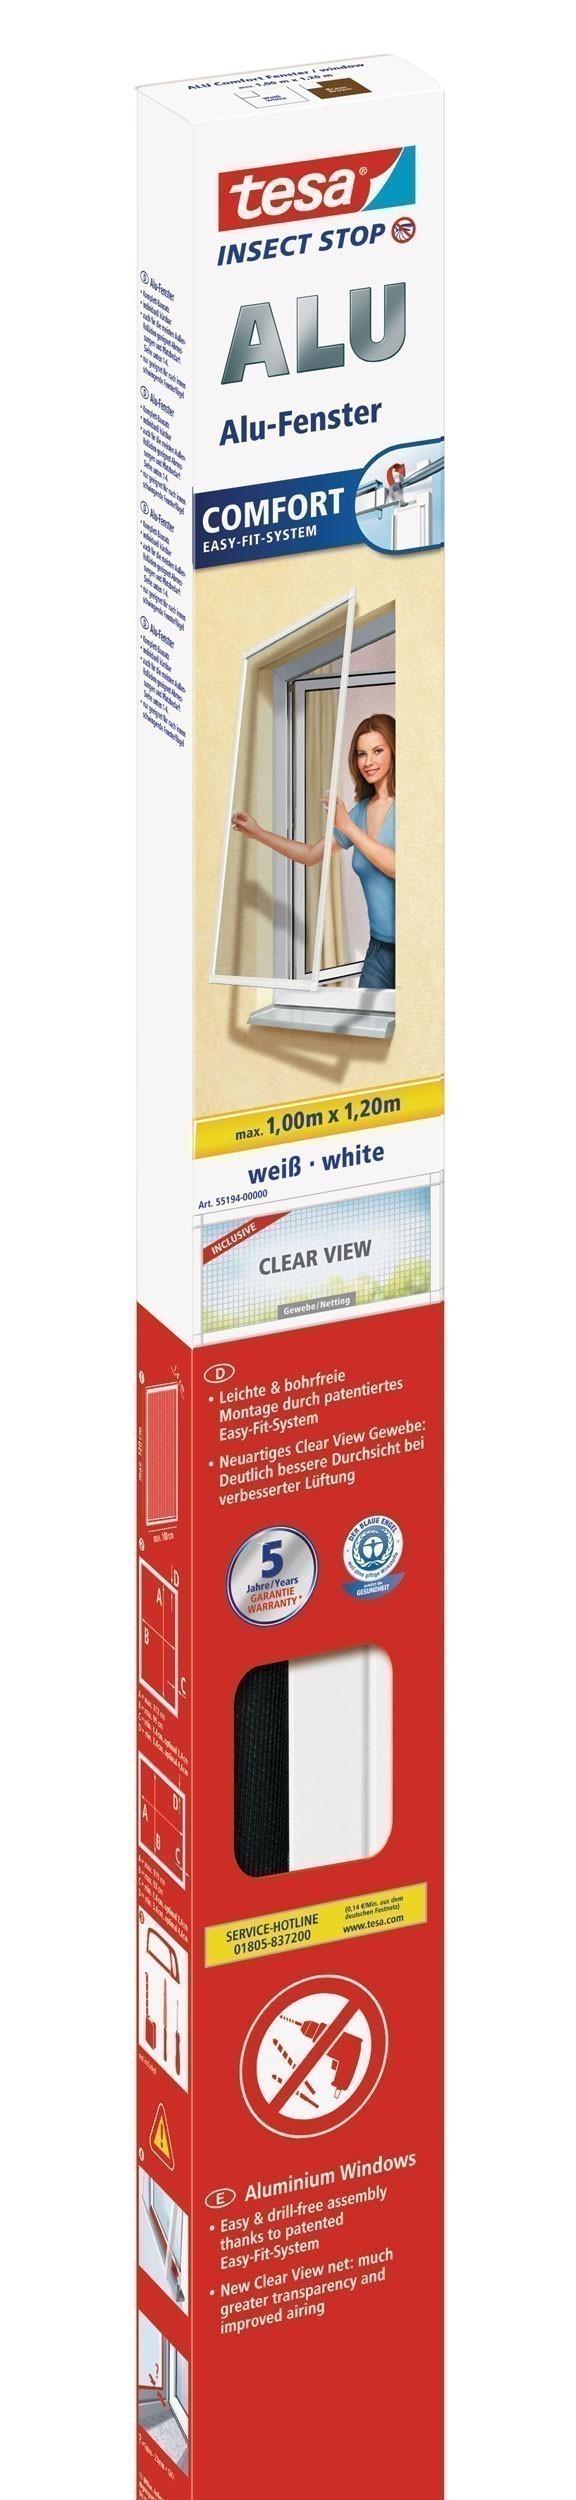 tesa® Insect Stop Fliegengitter Alu Comfort Fenster 1 m x 1,20 m weiß Bild 1